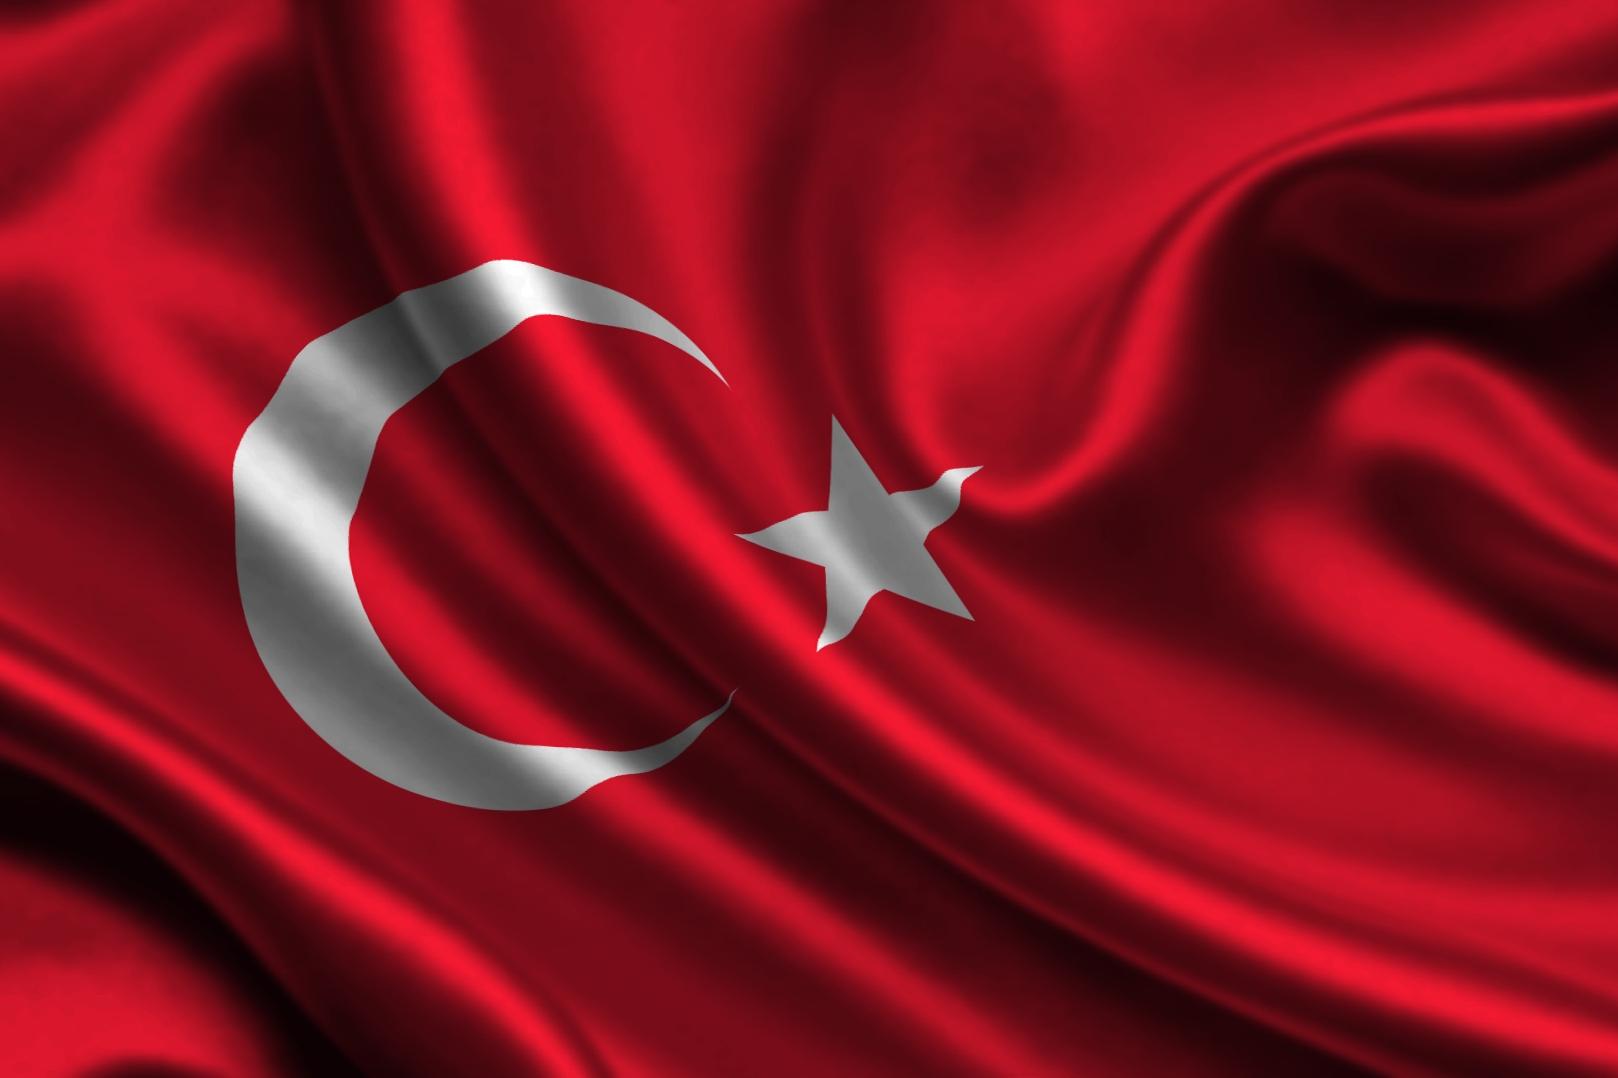 Стоимость медицинской страховки для поездки в Турцию